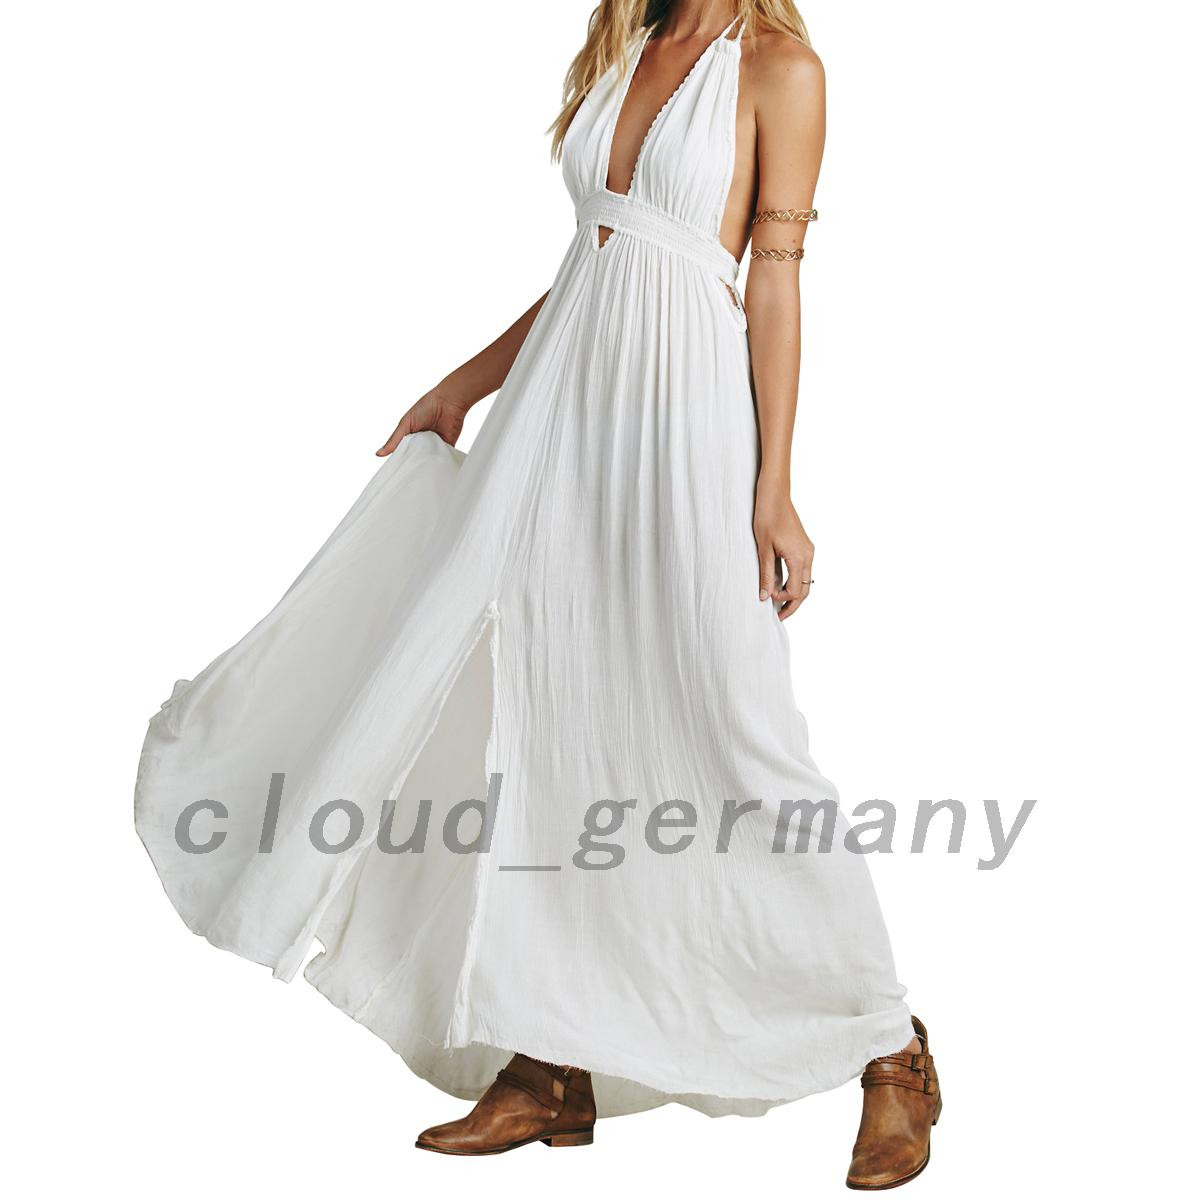 Rückenfrei Kleid Damen Elegant Hochzeit Wickelkleid